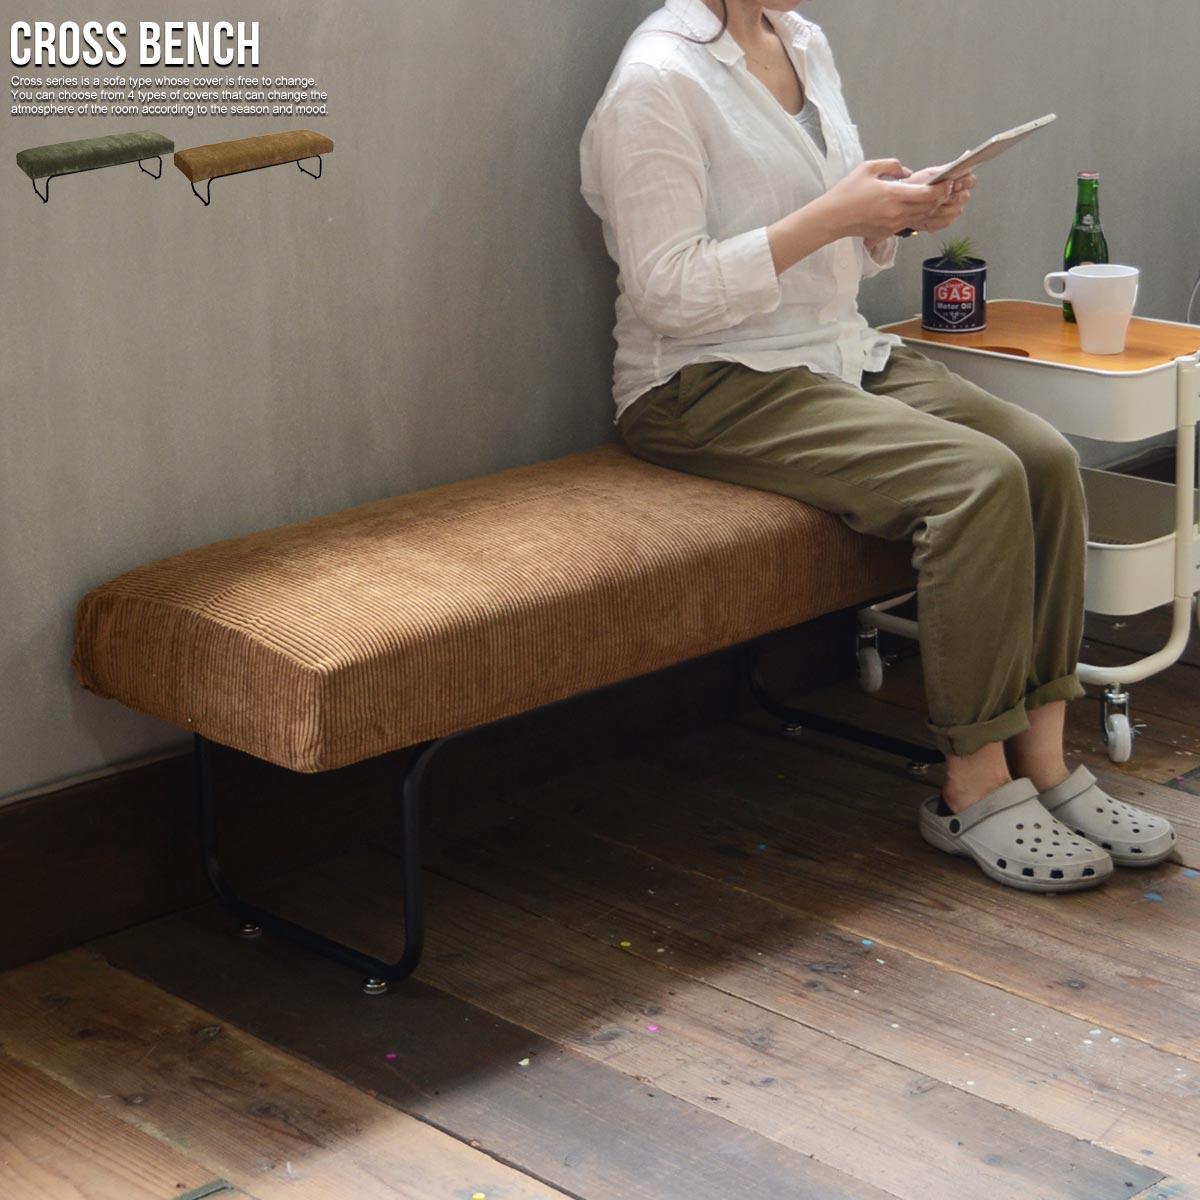 ベンチソファ 2人掛け CROSS クロス椅子 チェア カバー スチール パイプ シンプル 北欧 スタイリッシュ ポイント10倍